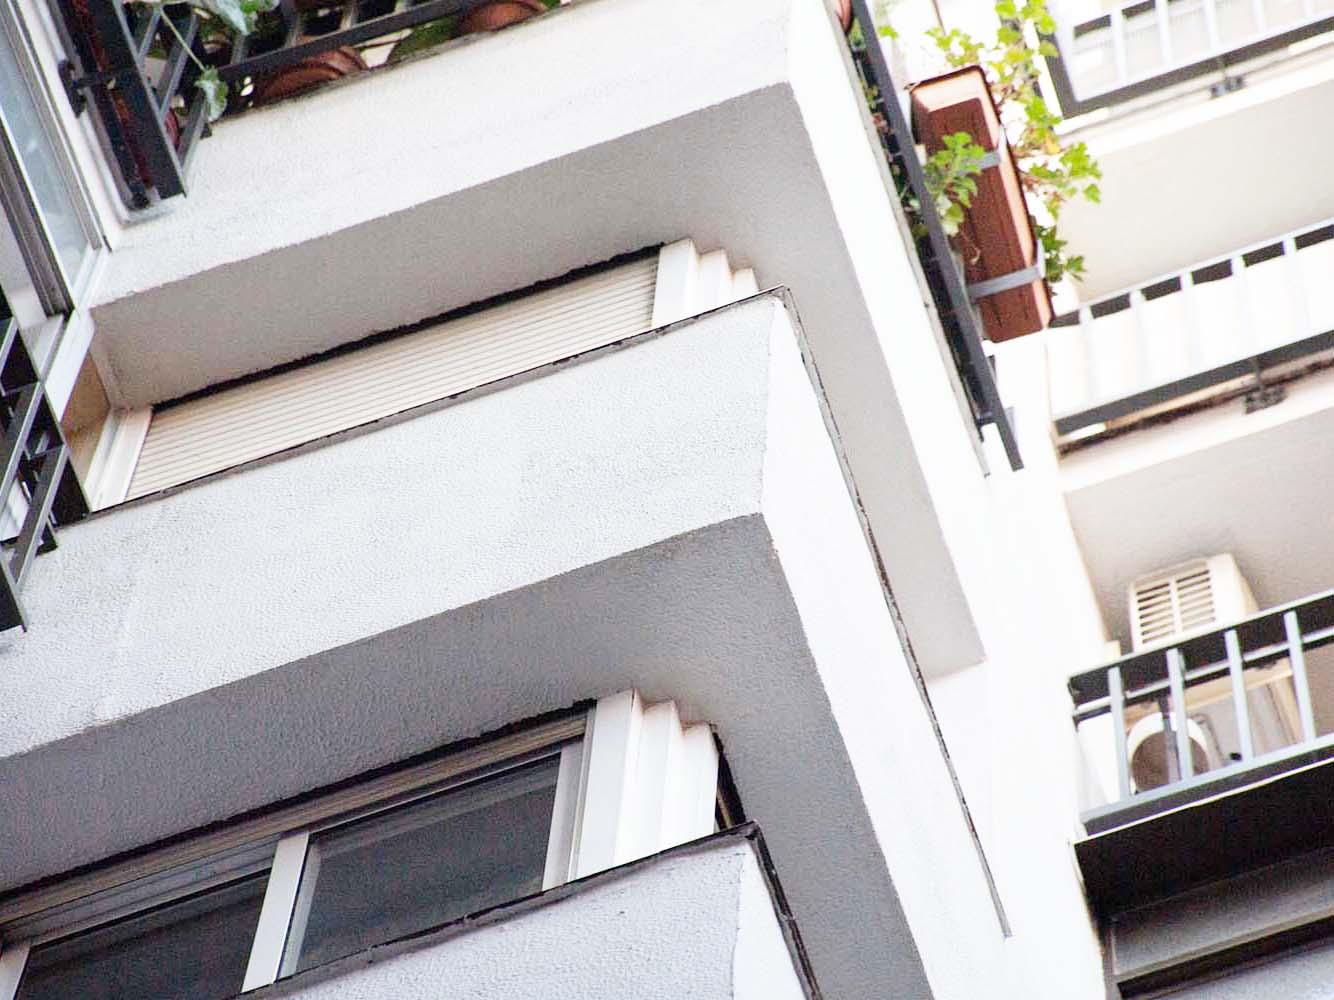 Proyector de rehabilitación barcelona Avenida Paralelo 139 Barcelona img inicio